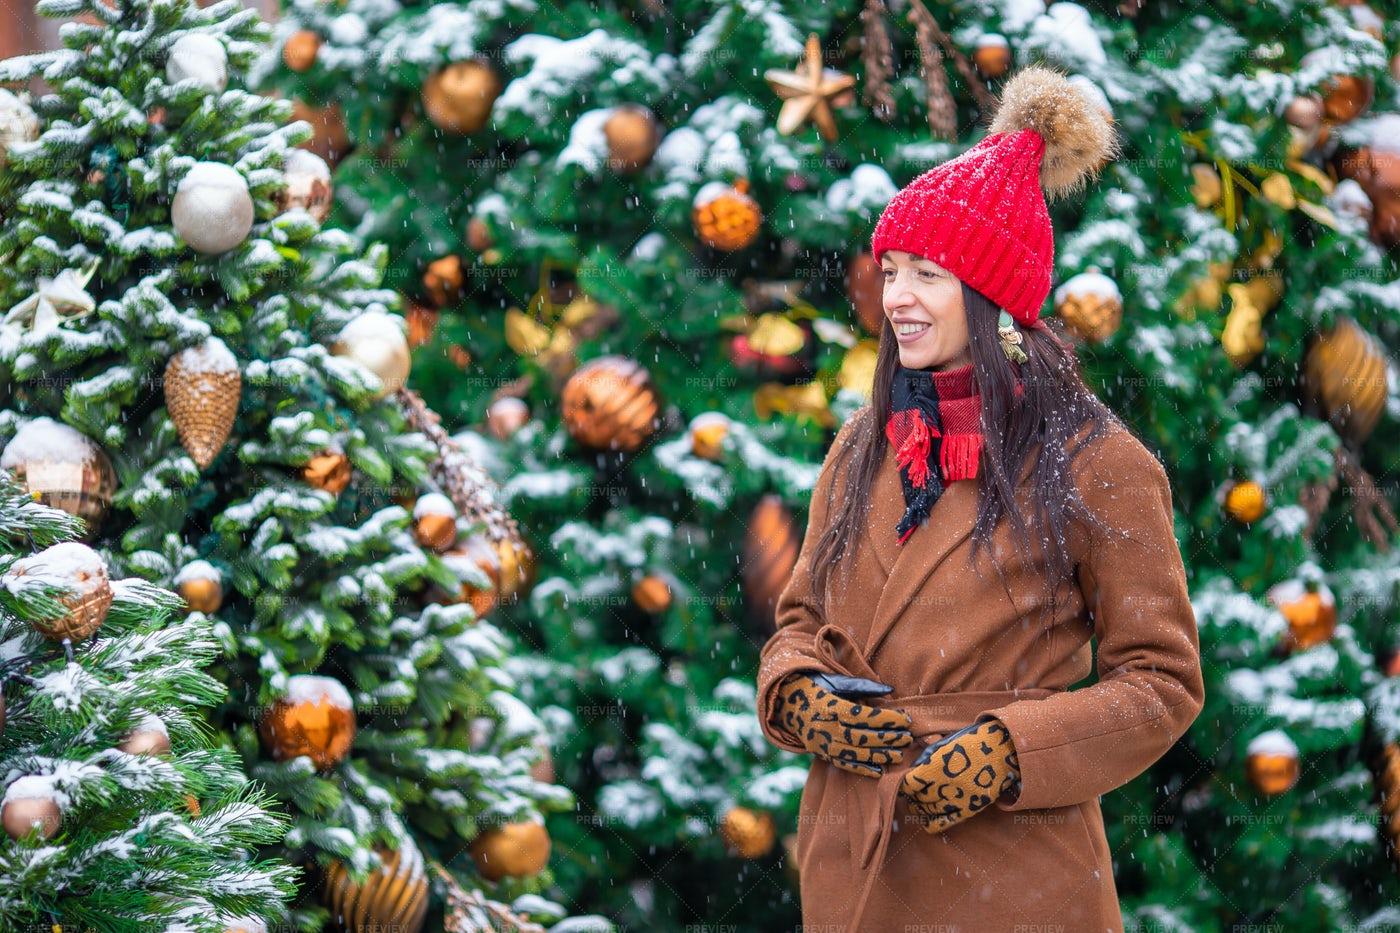 Woman Among Christmas Trees: Stock Photos